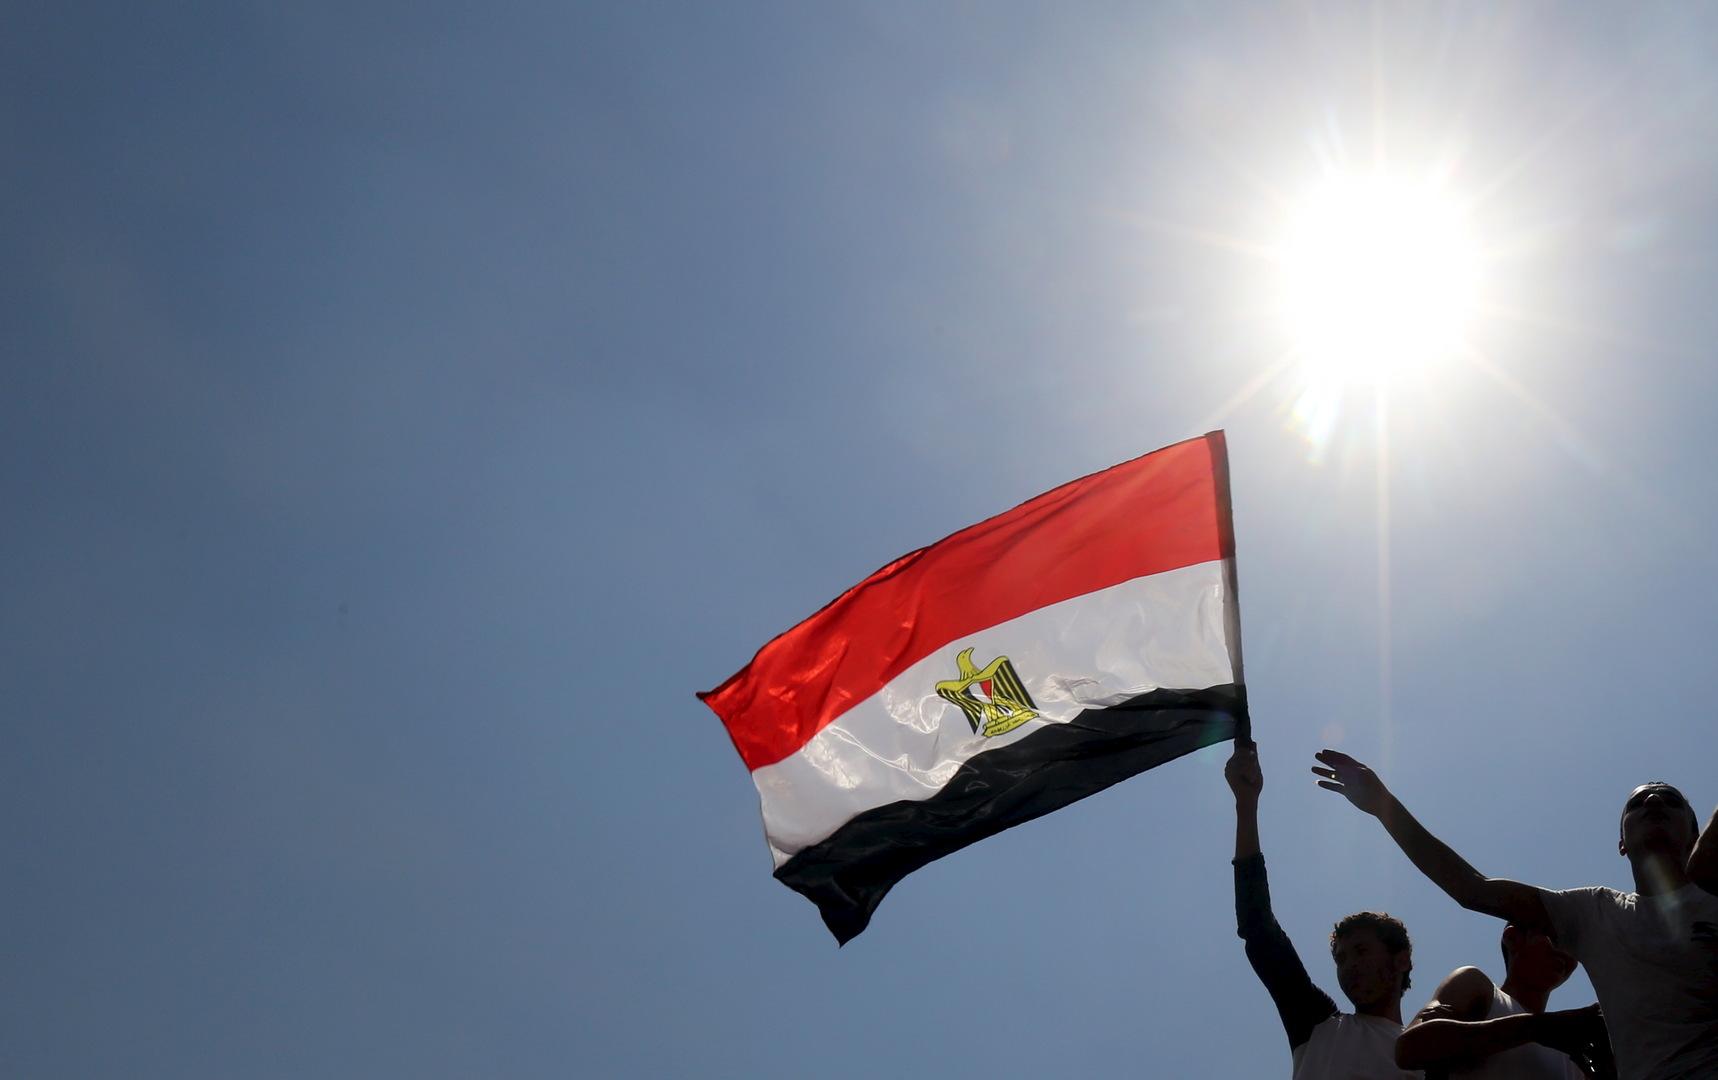 مصر.. الكشف عن رشوة كبيرة بعد حريق في مخزن للأدوية